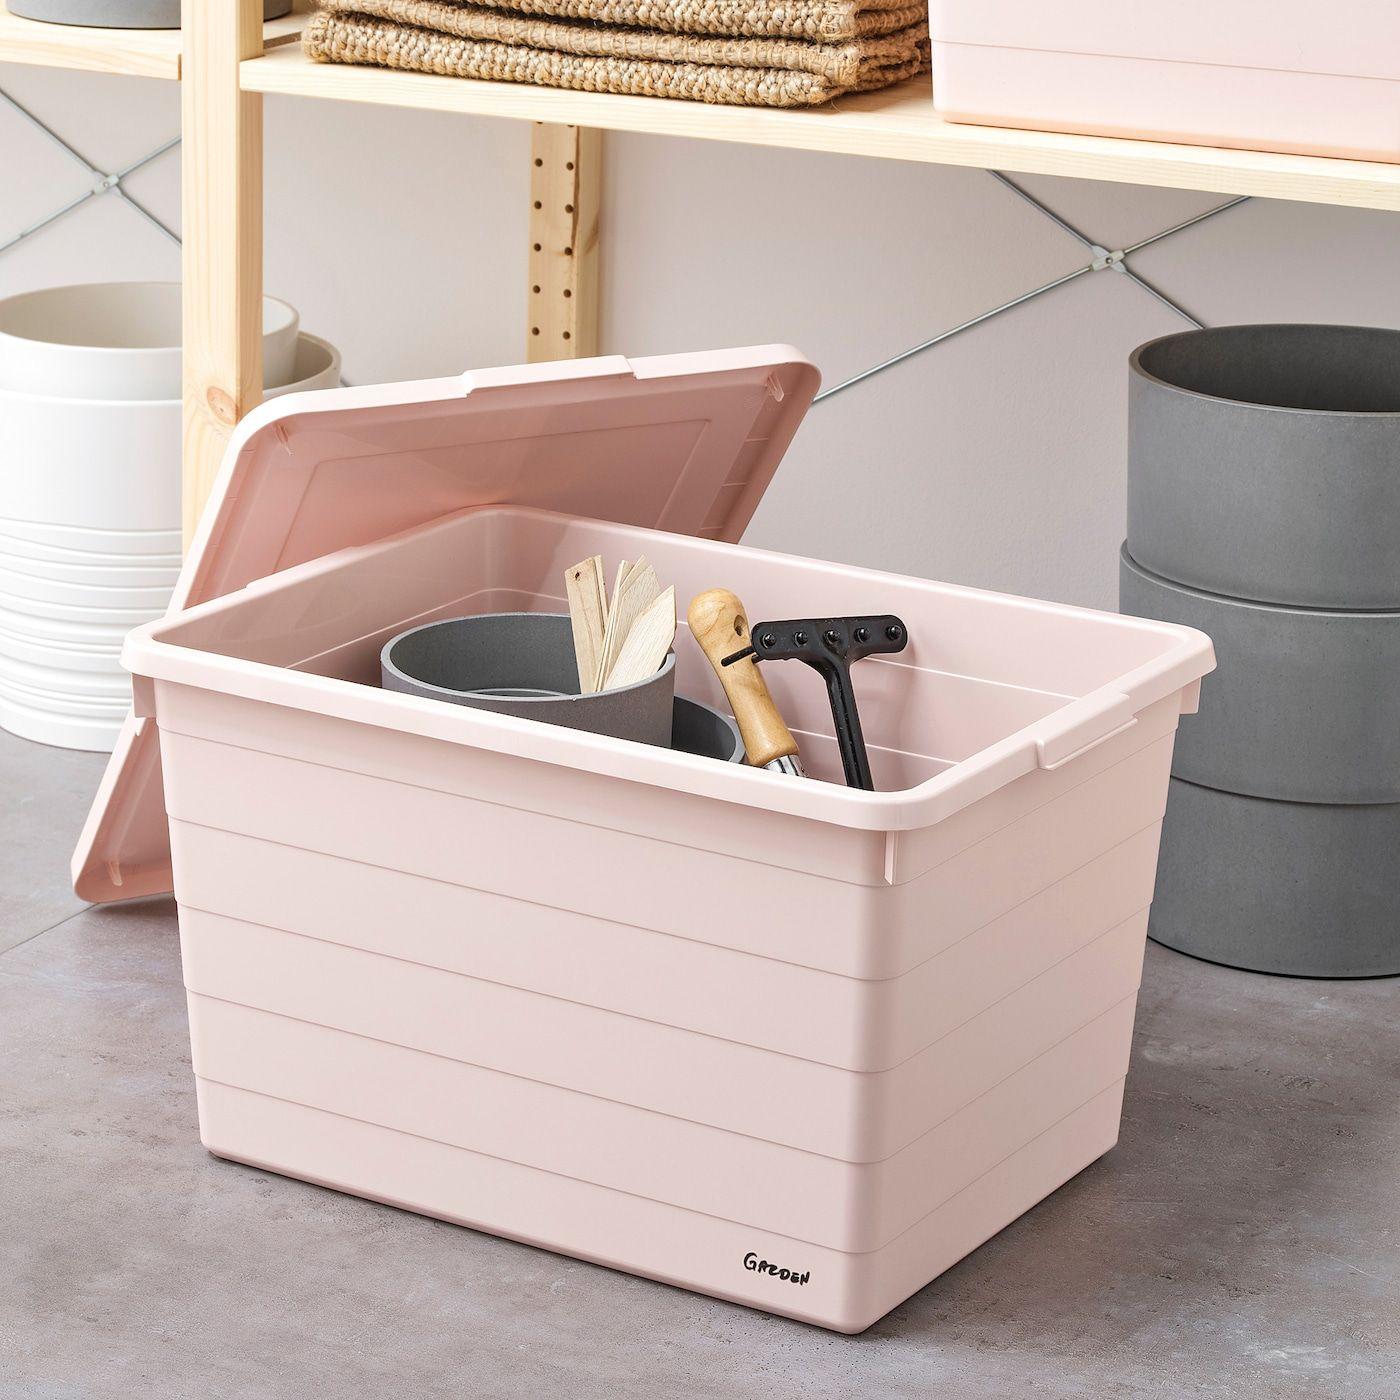 Ikea Sockerbit Box Mit Deckel Rosa In 2020 Box Mit Deckel Bad Aufbewahrungsboxen Box